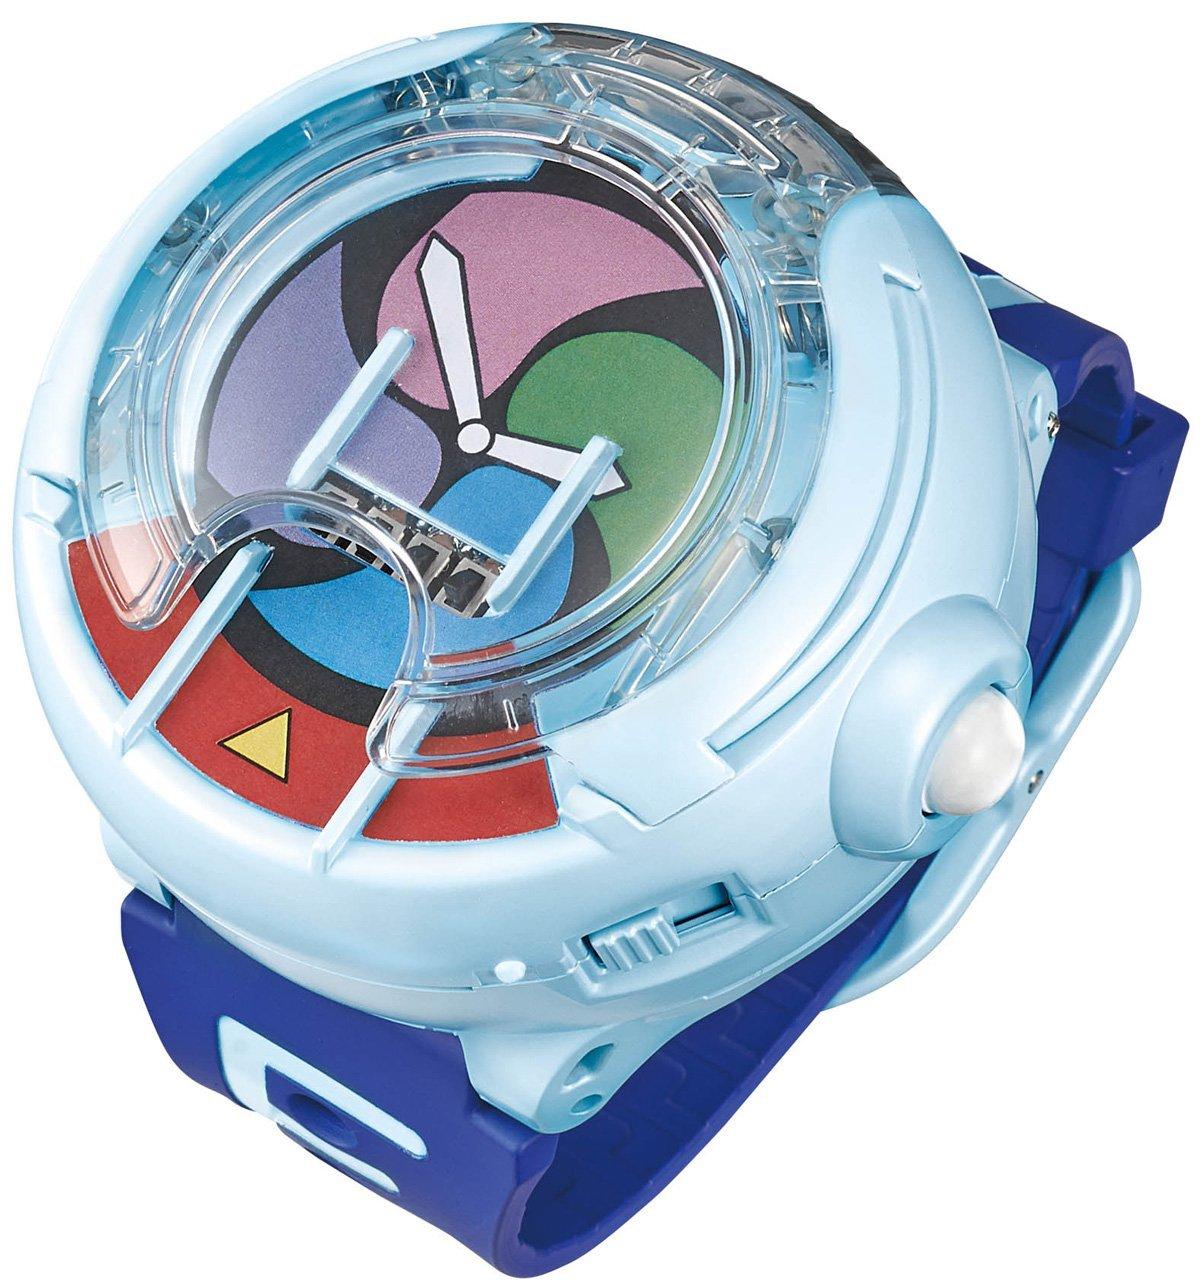 『日本代購品』 日本次世代妖怪手錶 相容DX&零式徽章 第三代妖怪手錶